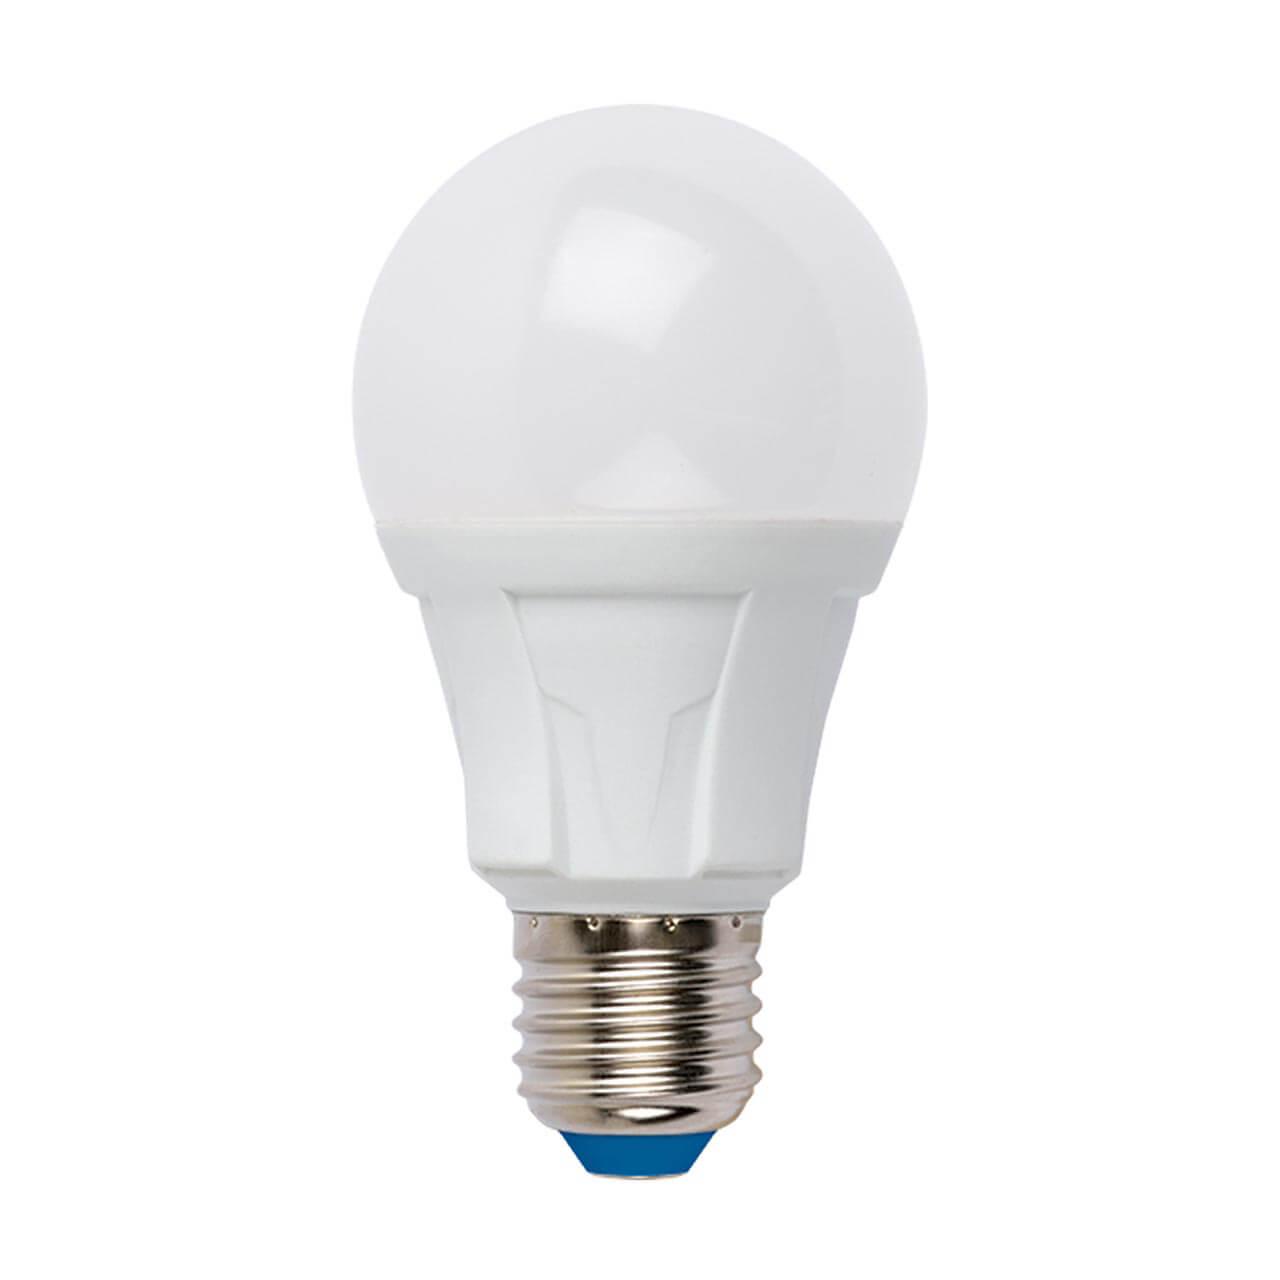 Лампа светодиодная (UL-00005033) E27 16W 3000K матовая LED-A60 16W/3000K/E27/FR PLP01WH цена